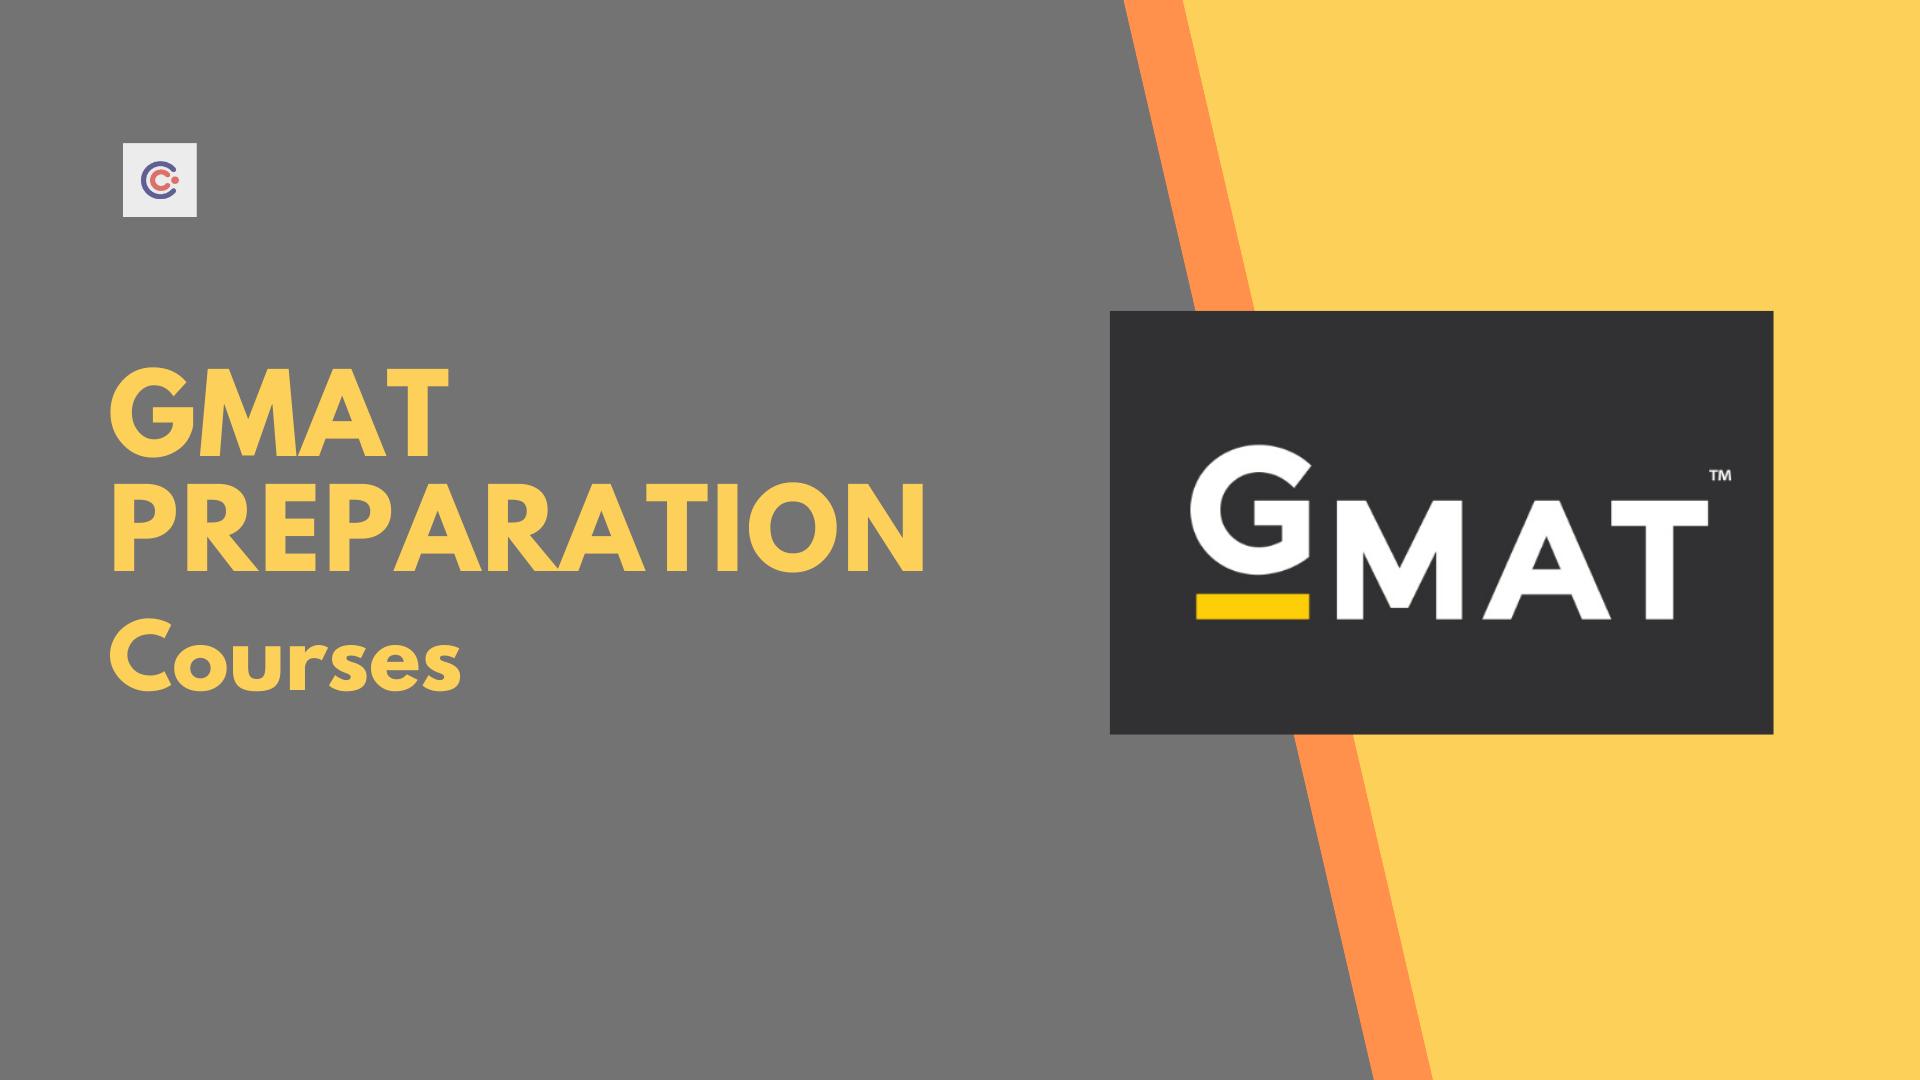 5 Best GMAT Preparation Courses - Prepare for GMAT Online